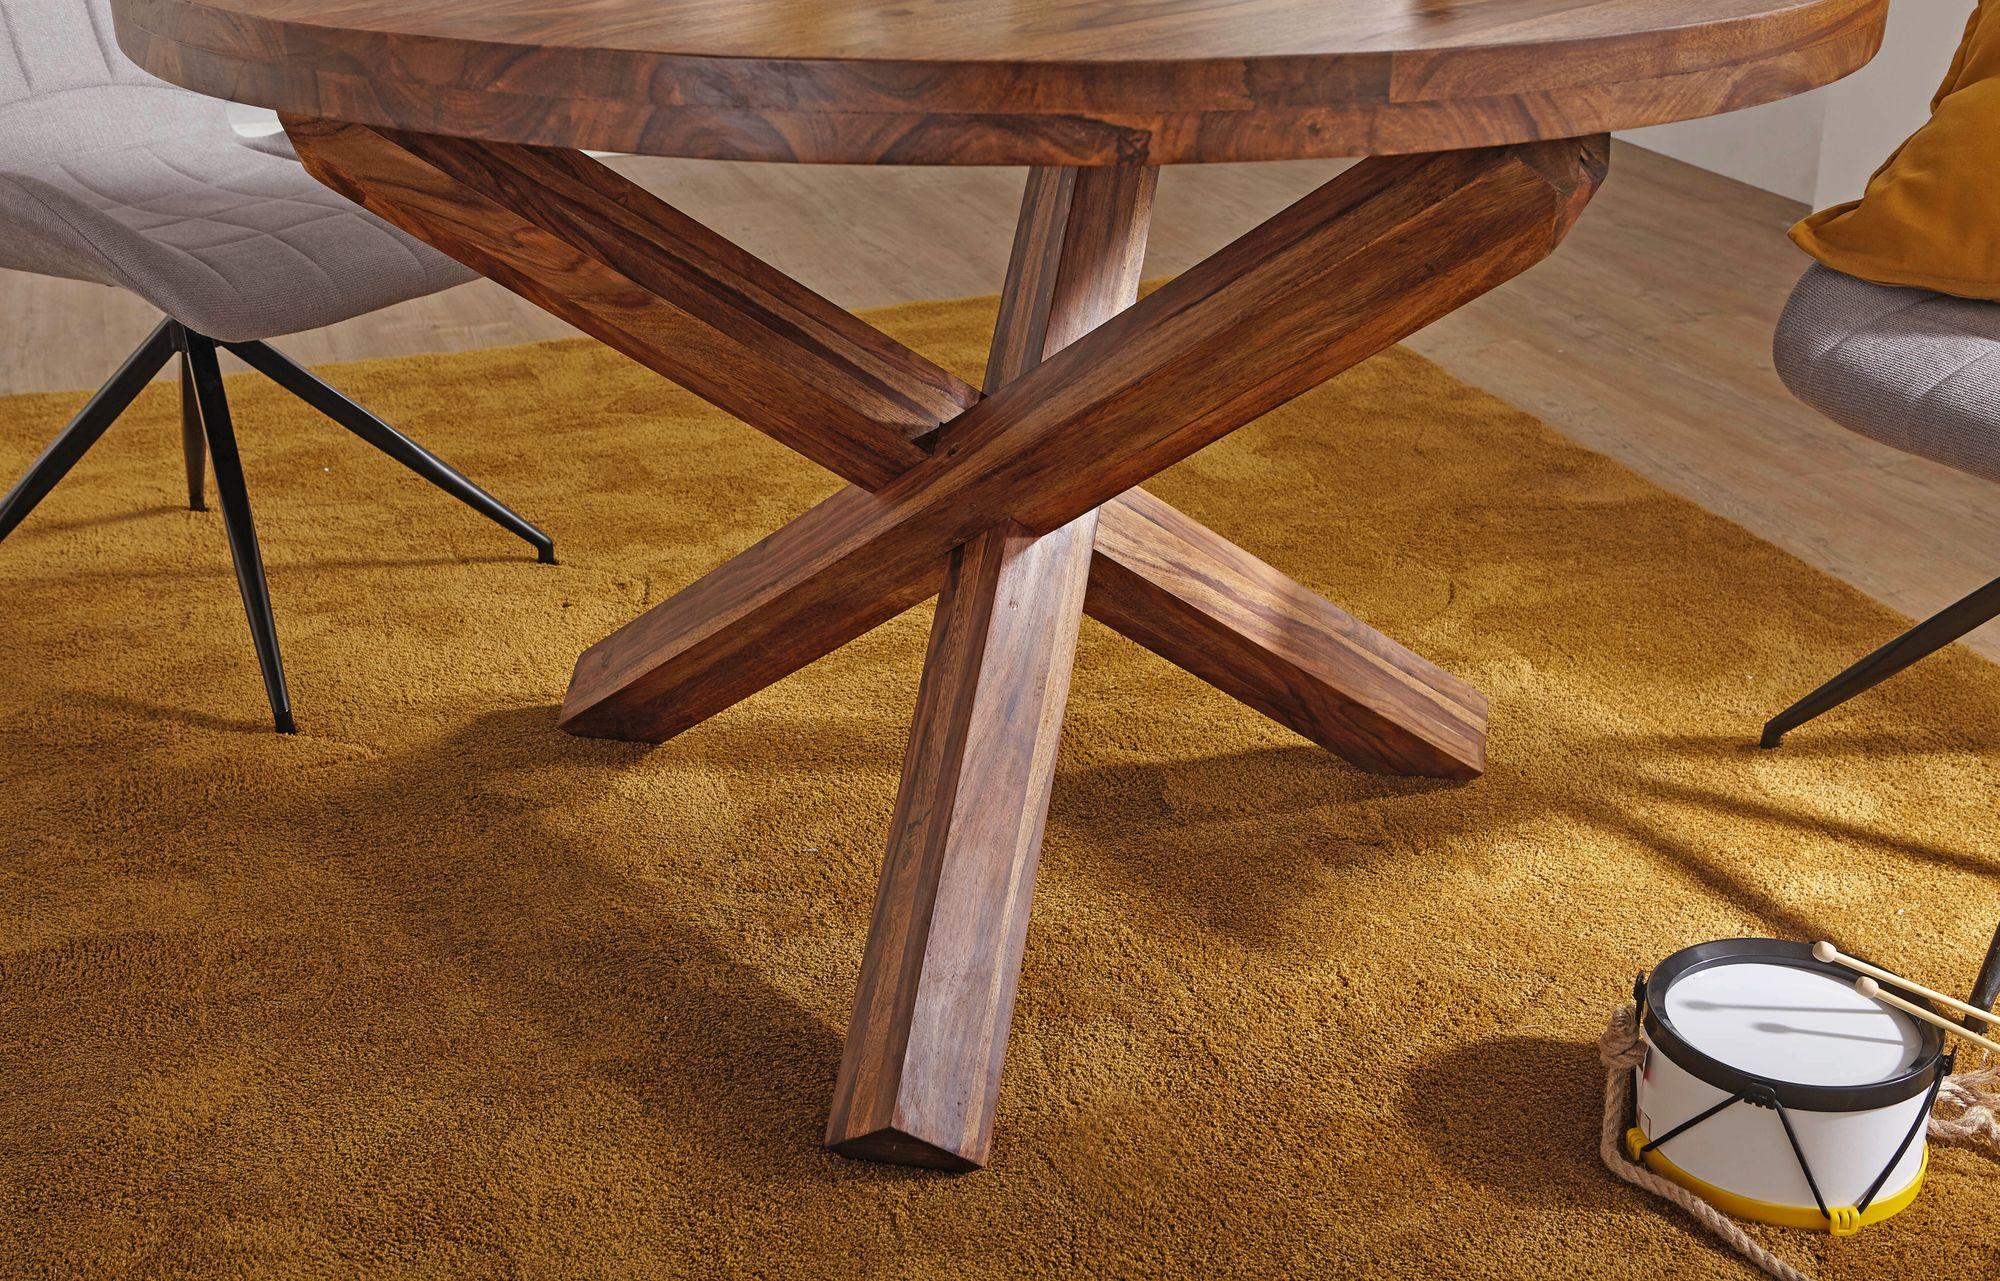 FineBuy Design Esszimmertisch rund Ø 120 cm x 75 cm Massiv Holz | Landhaus Esstisch 4 Personen | Küchentisch Tisch für Esszimmer braun